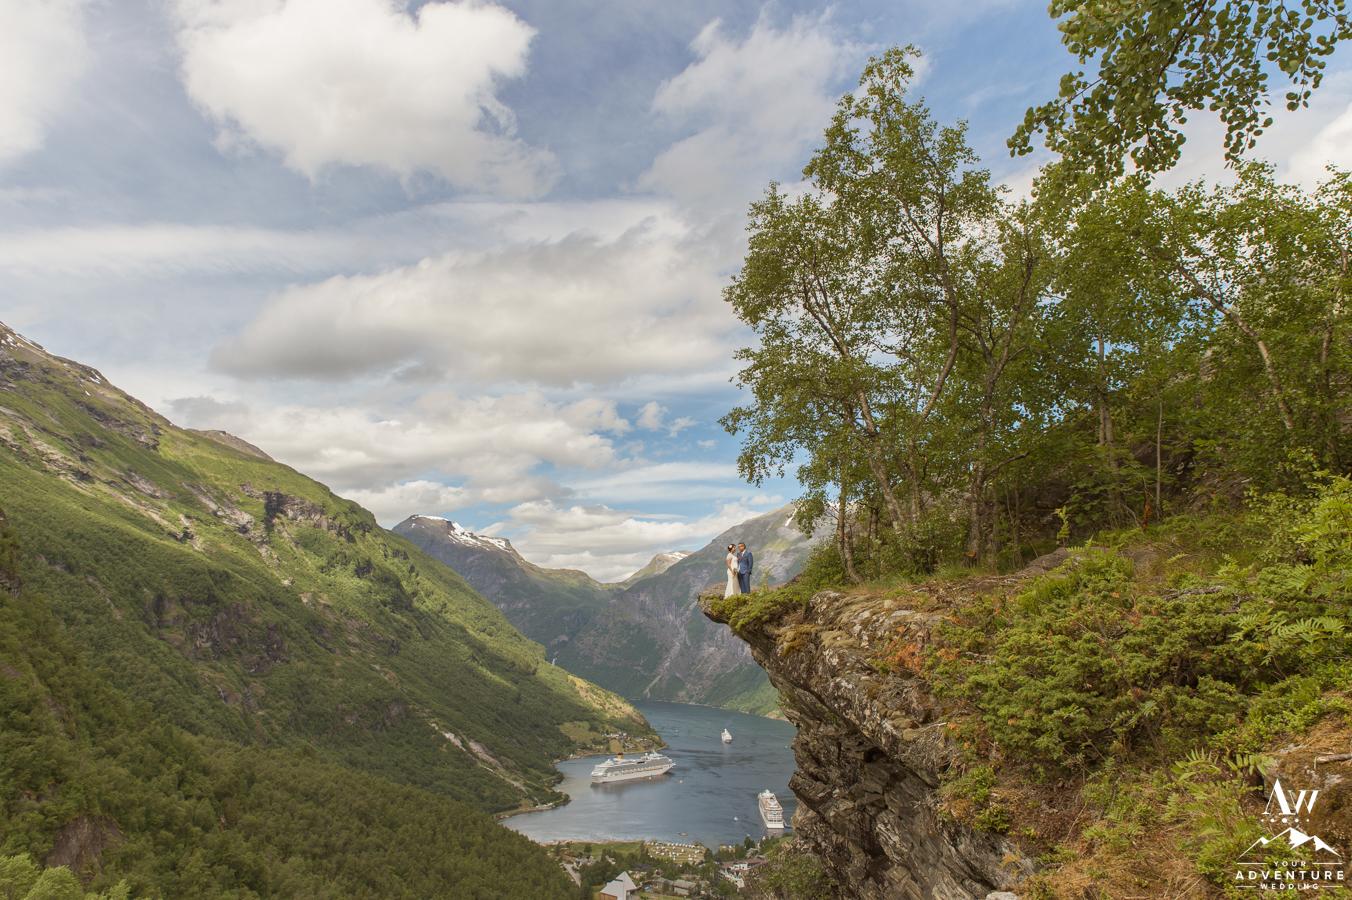 Adventure Weddings & Elopements in Europe | Your Adventure